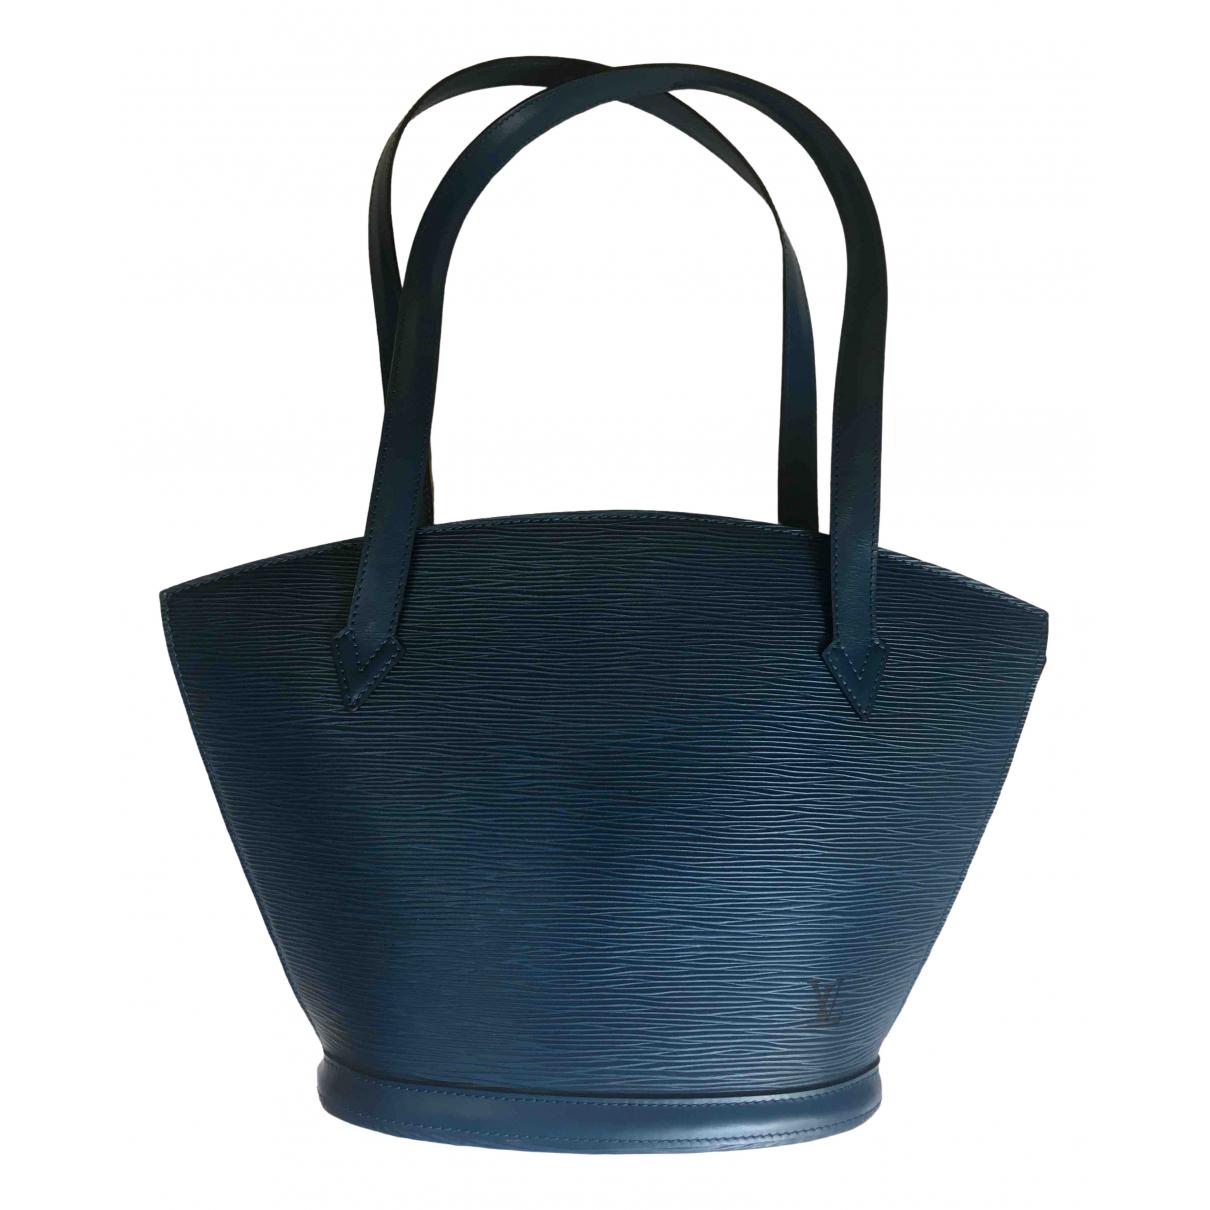 Louis Vuitton - Sac a main Vaneau pour femme en cuir - bleu